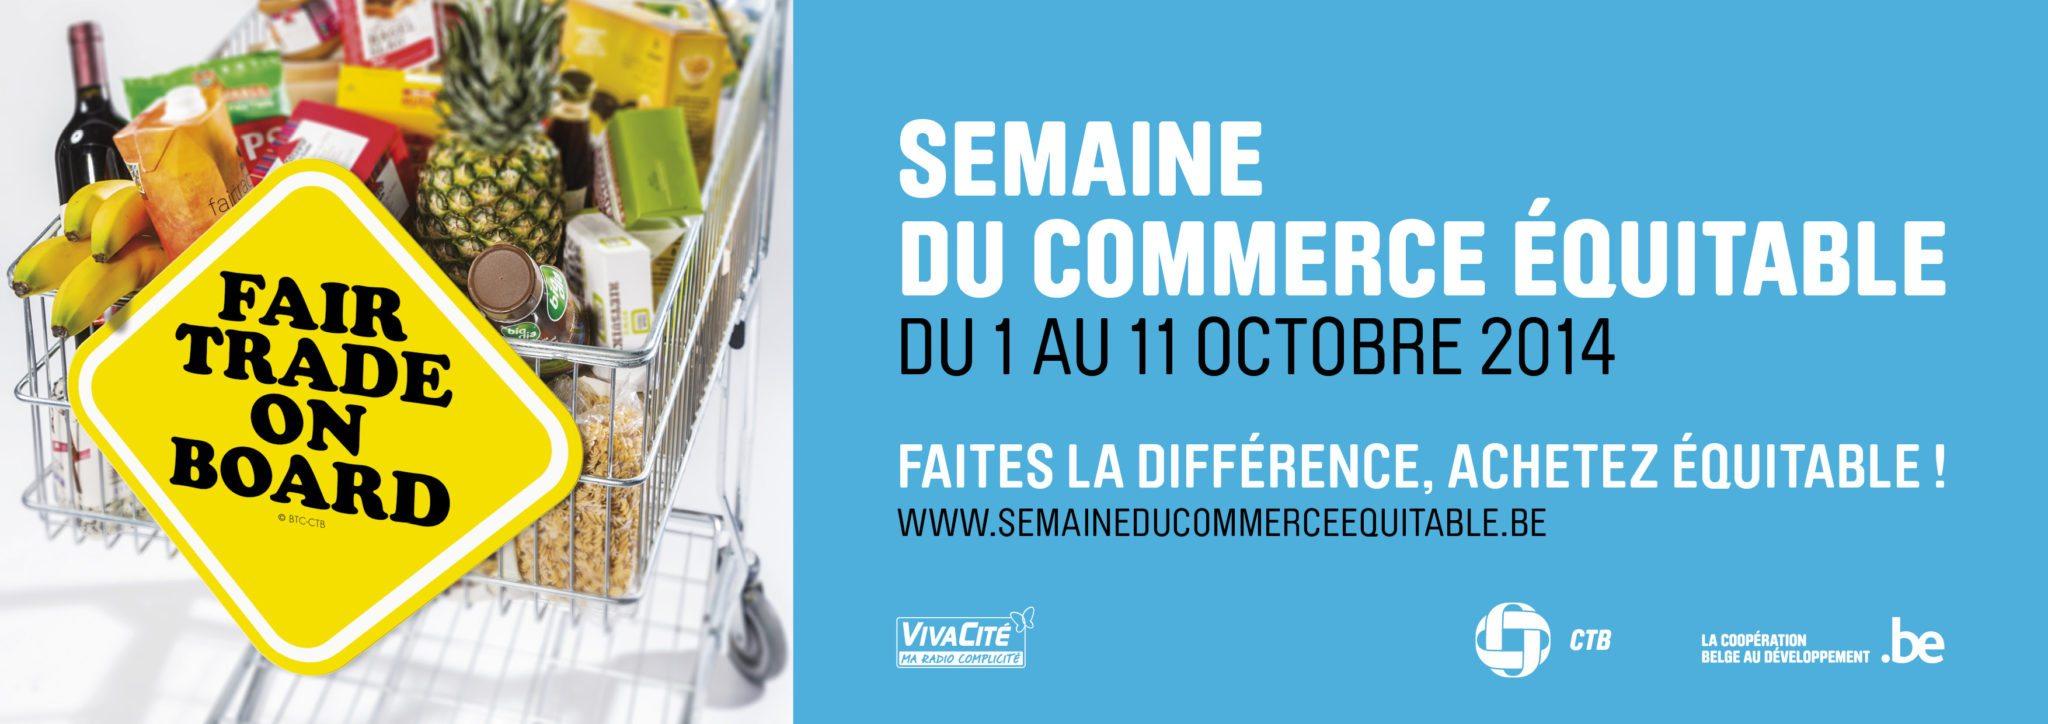 Affiche_Semaine_du_commerce_equitable.jpg